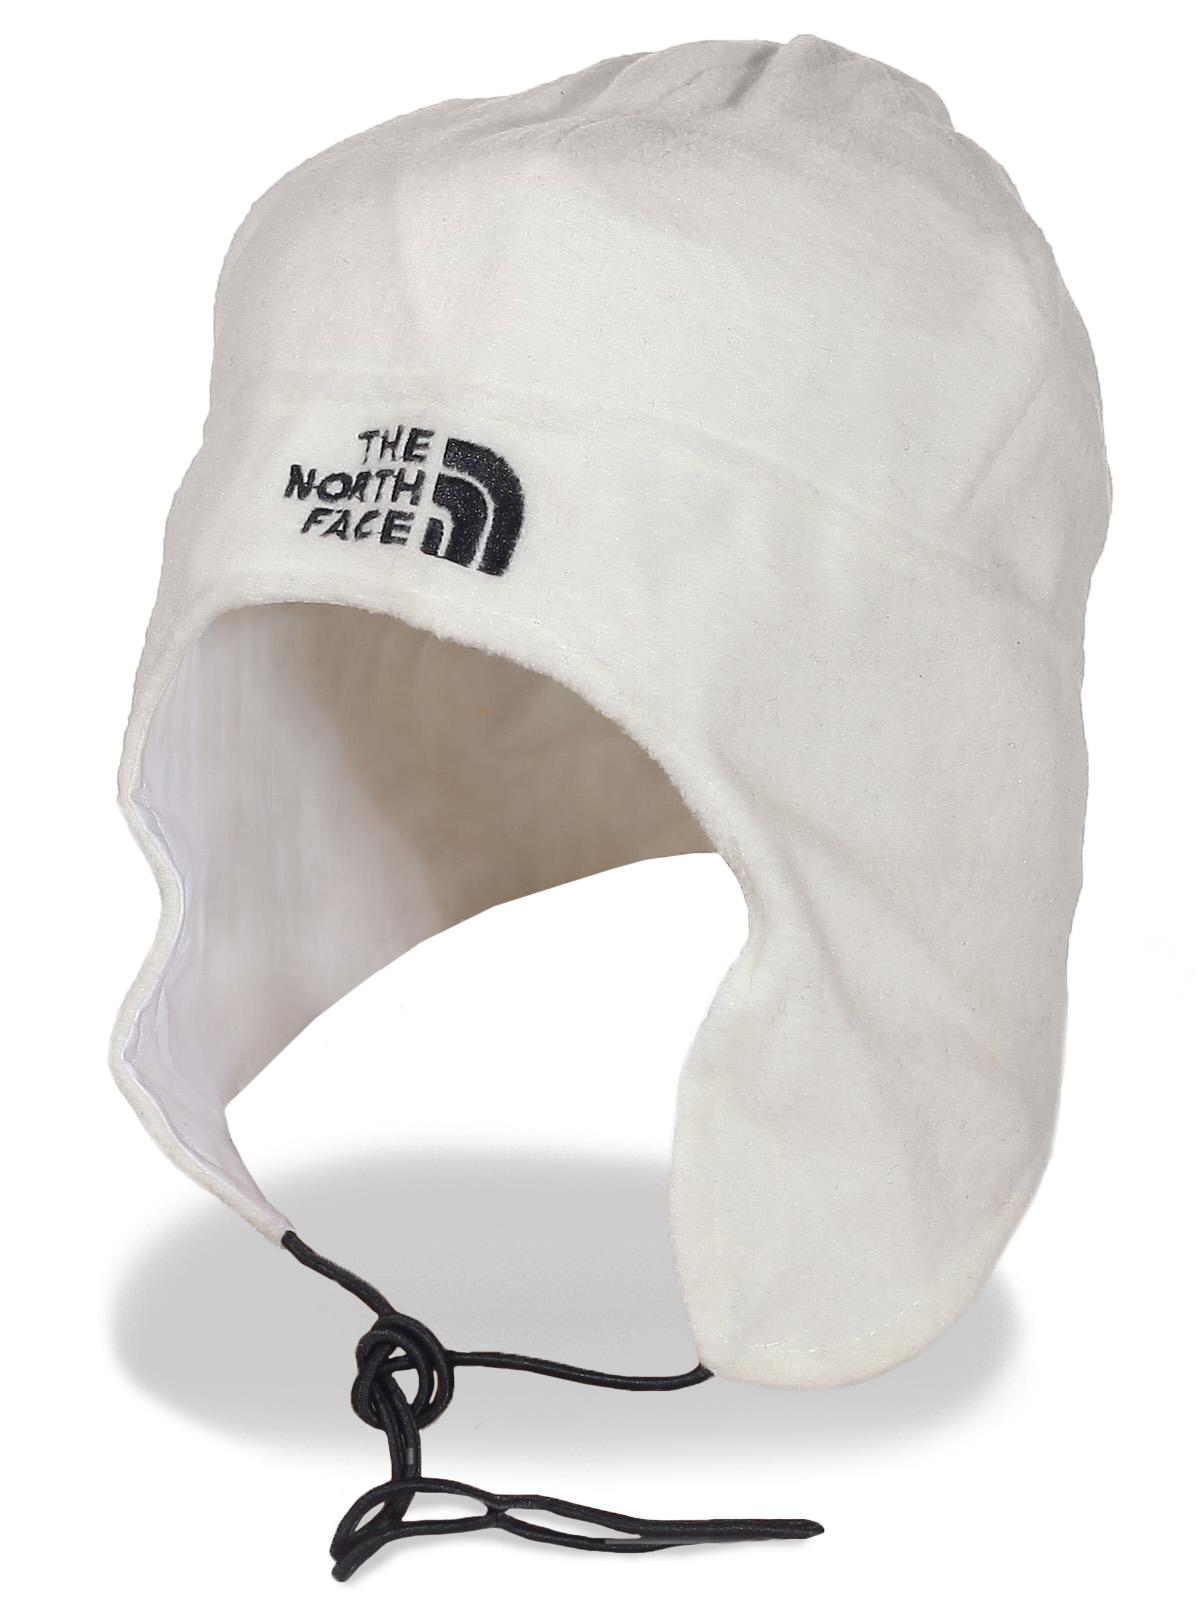 Модная шапка-ушанка The North Face. Тепло и комфорт в любую погоду!